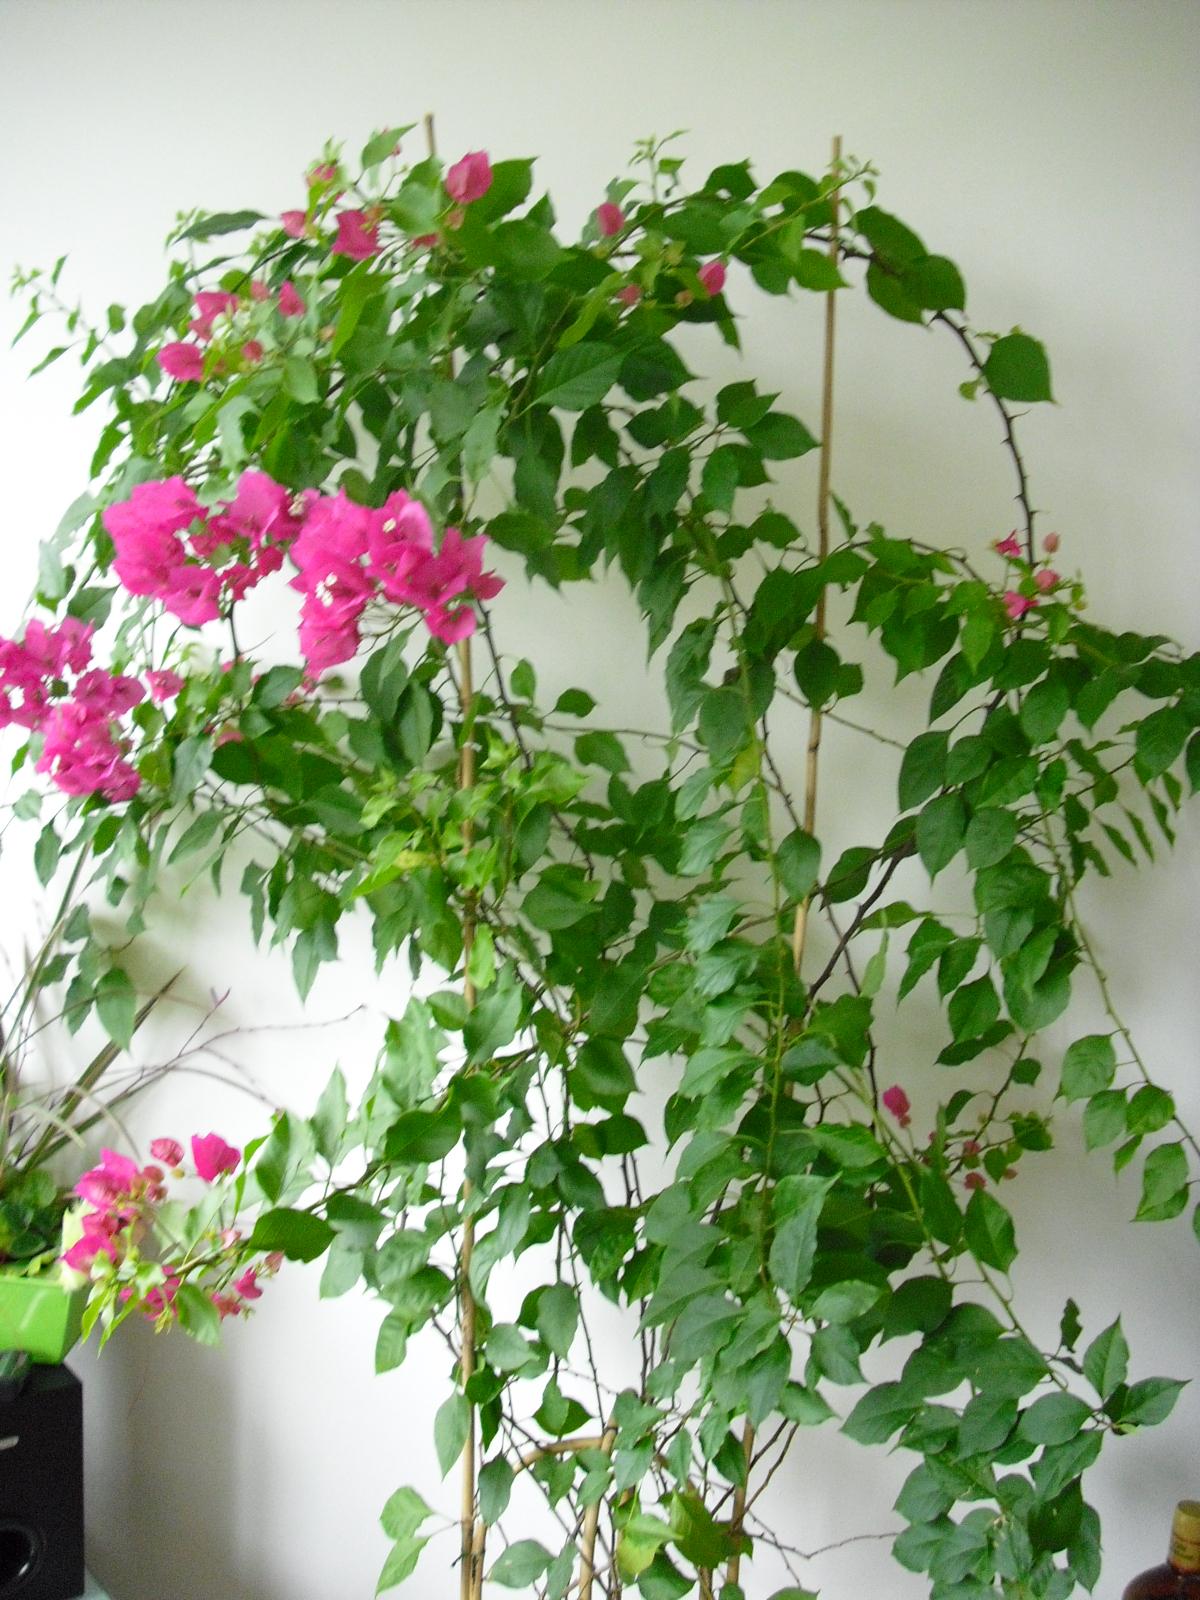 bougainvilliers sans fleurs ? - jardinage - forum vie pratique